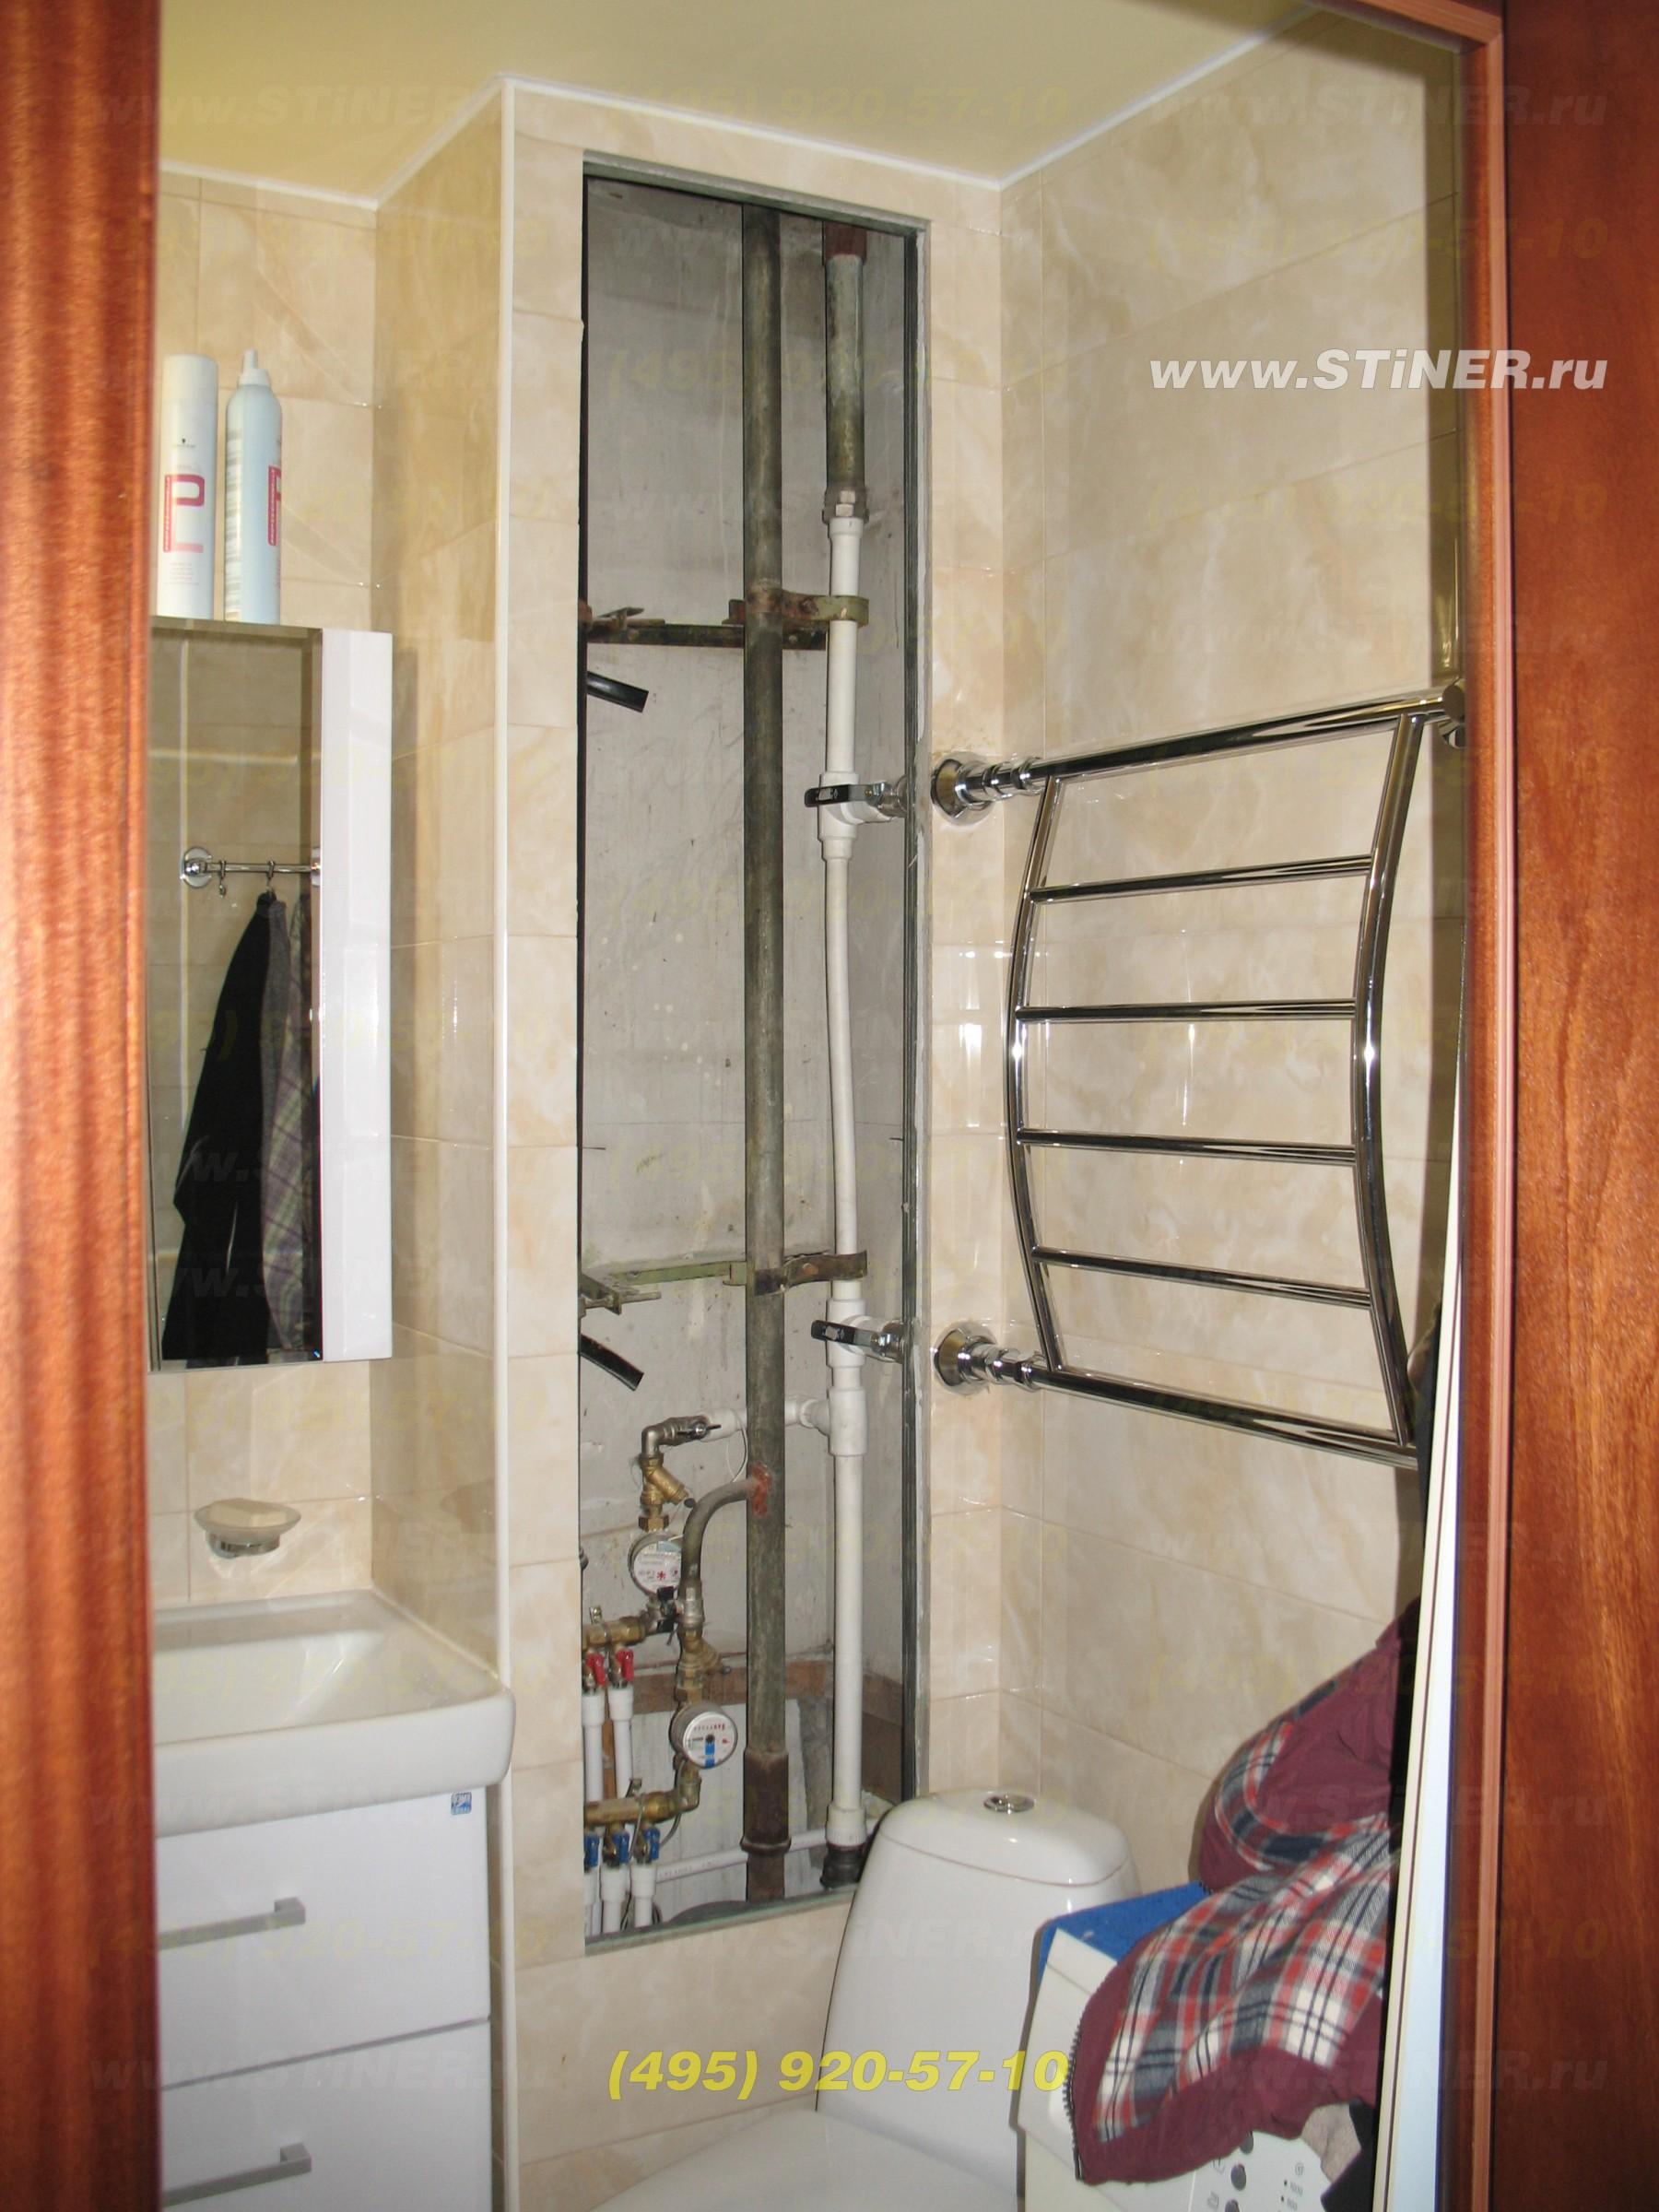 Самая узкая роллетная шторка в туалет для маскировки труб в санузле